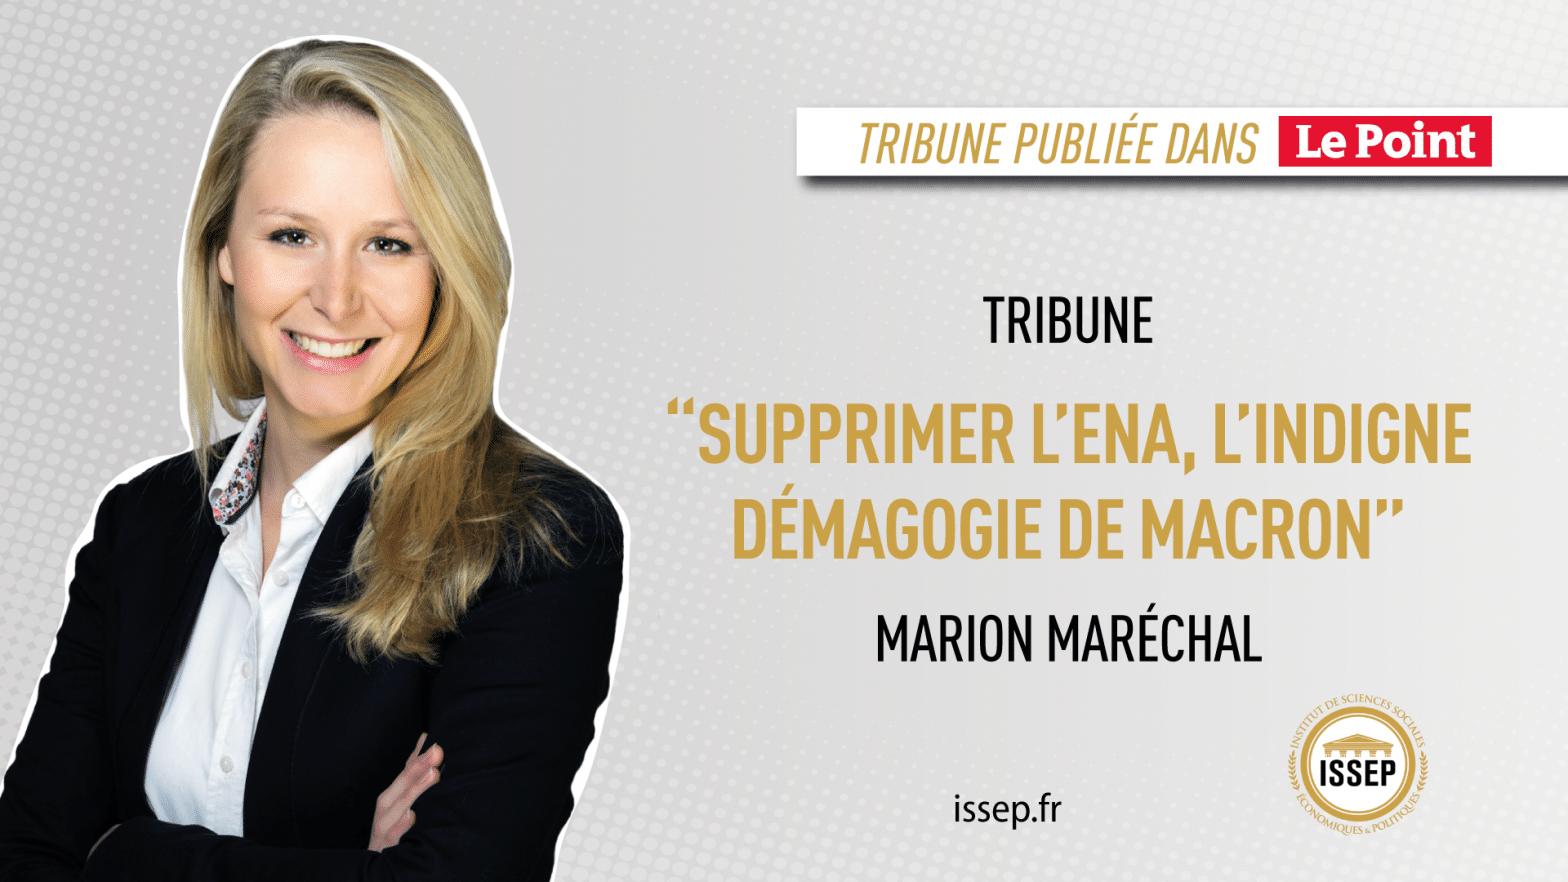 VISUEL TRIBUNE MARION MARÉCHAL LE POINT - ENA